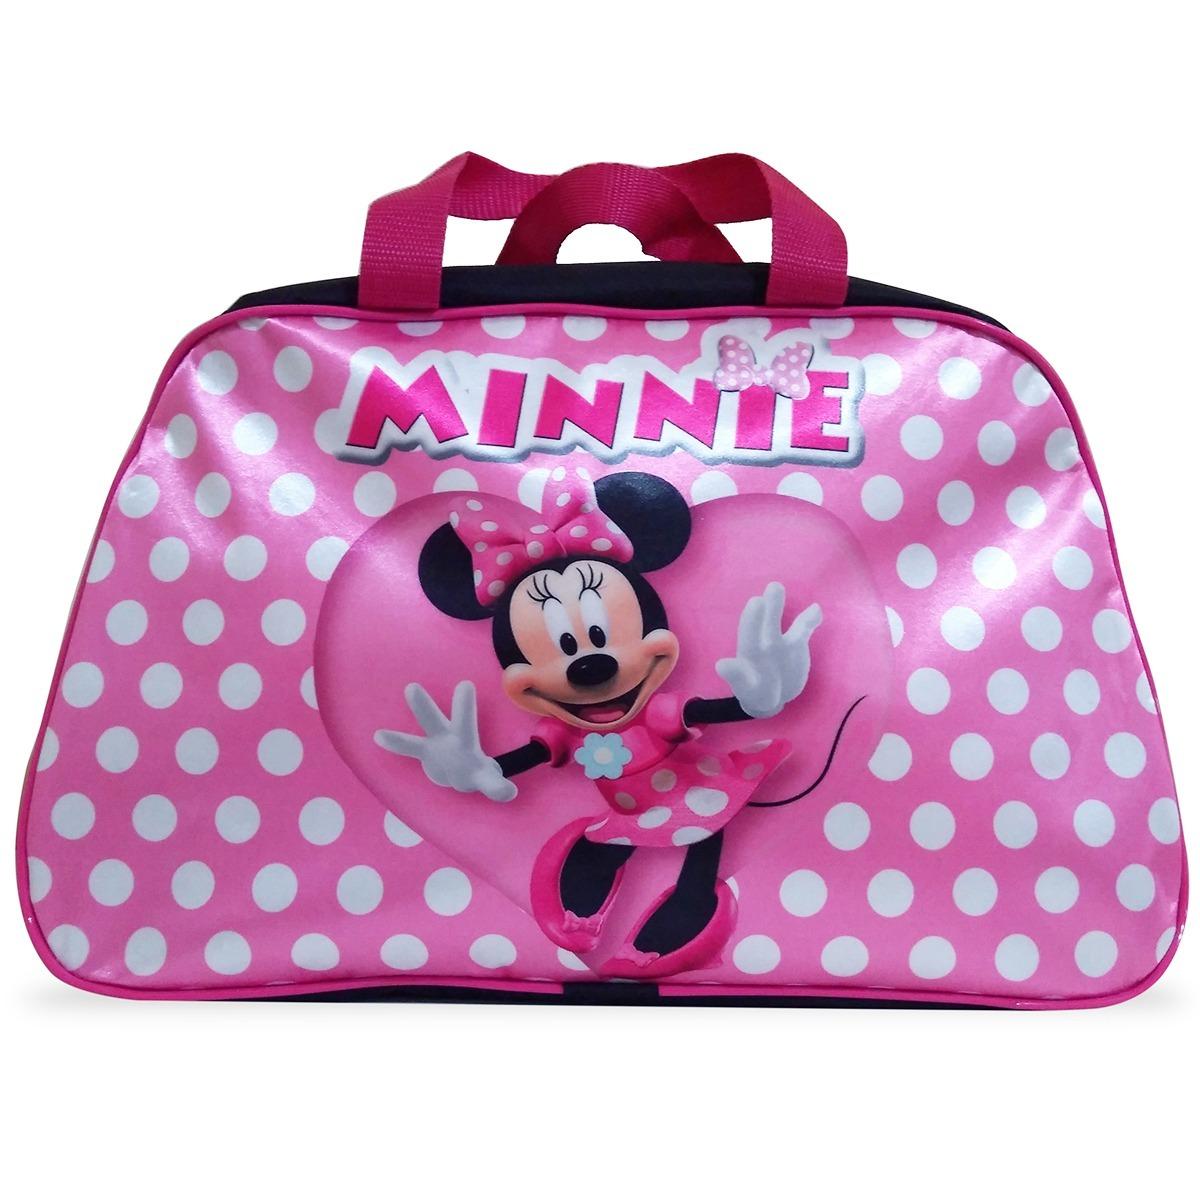 2d299b877 Bolsa Infantil Para Viagem Minnie Mouse - R$ 39,90 em Mercado Livre